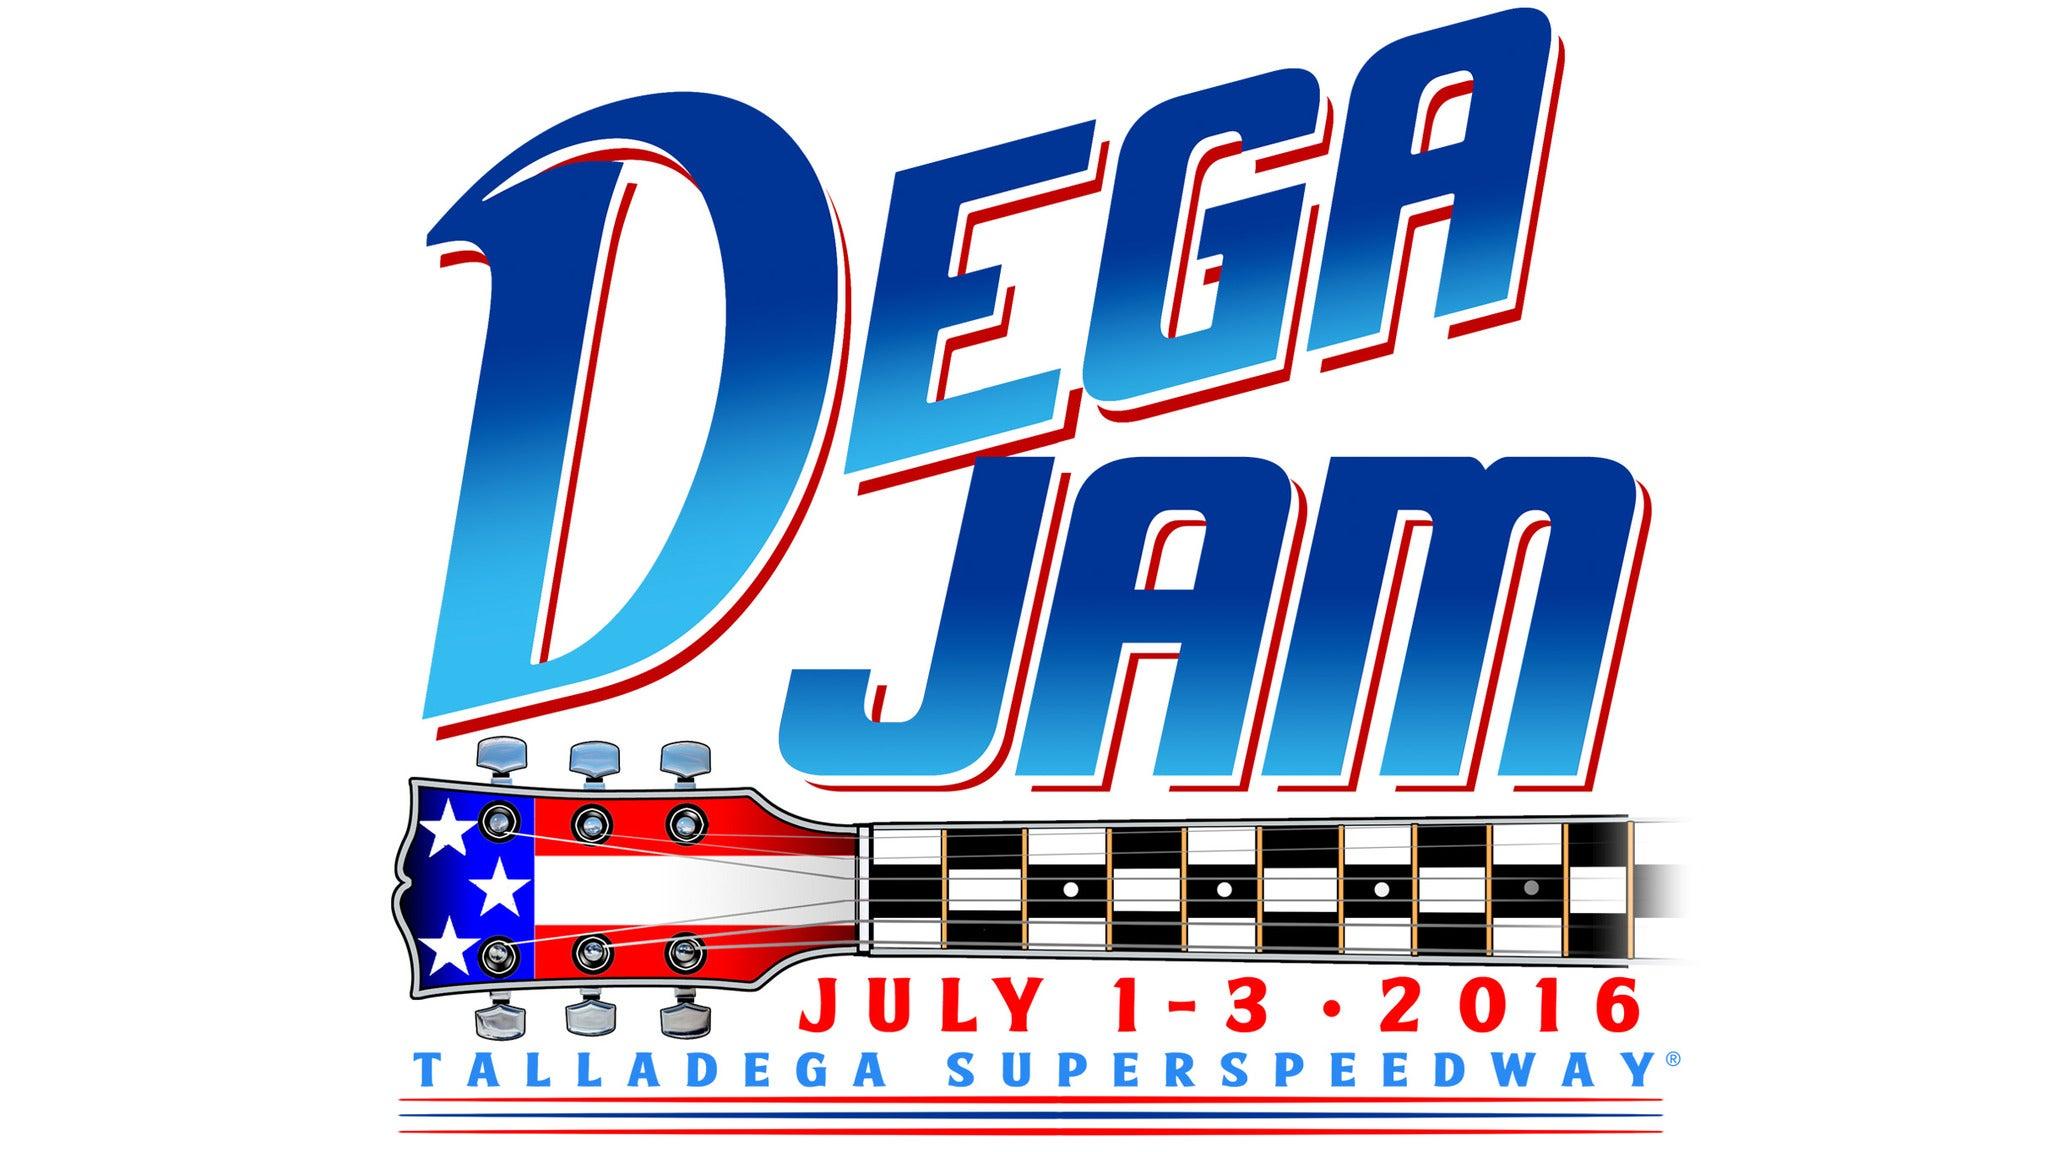 Dega Jam at Talladega Superspeedway